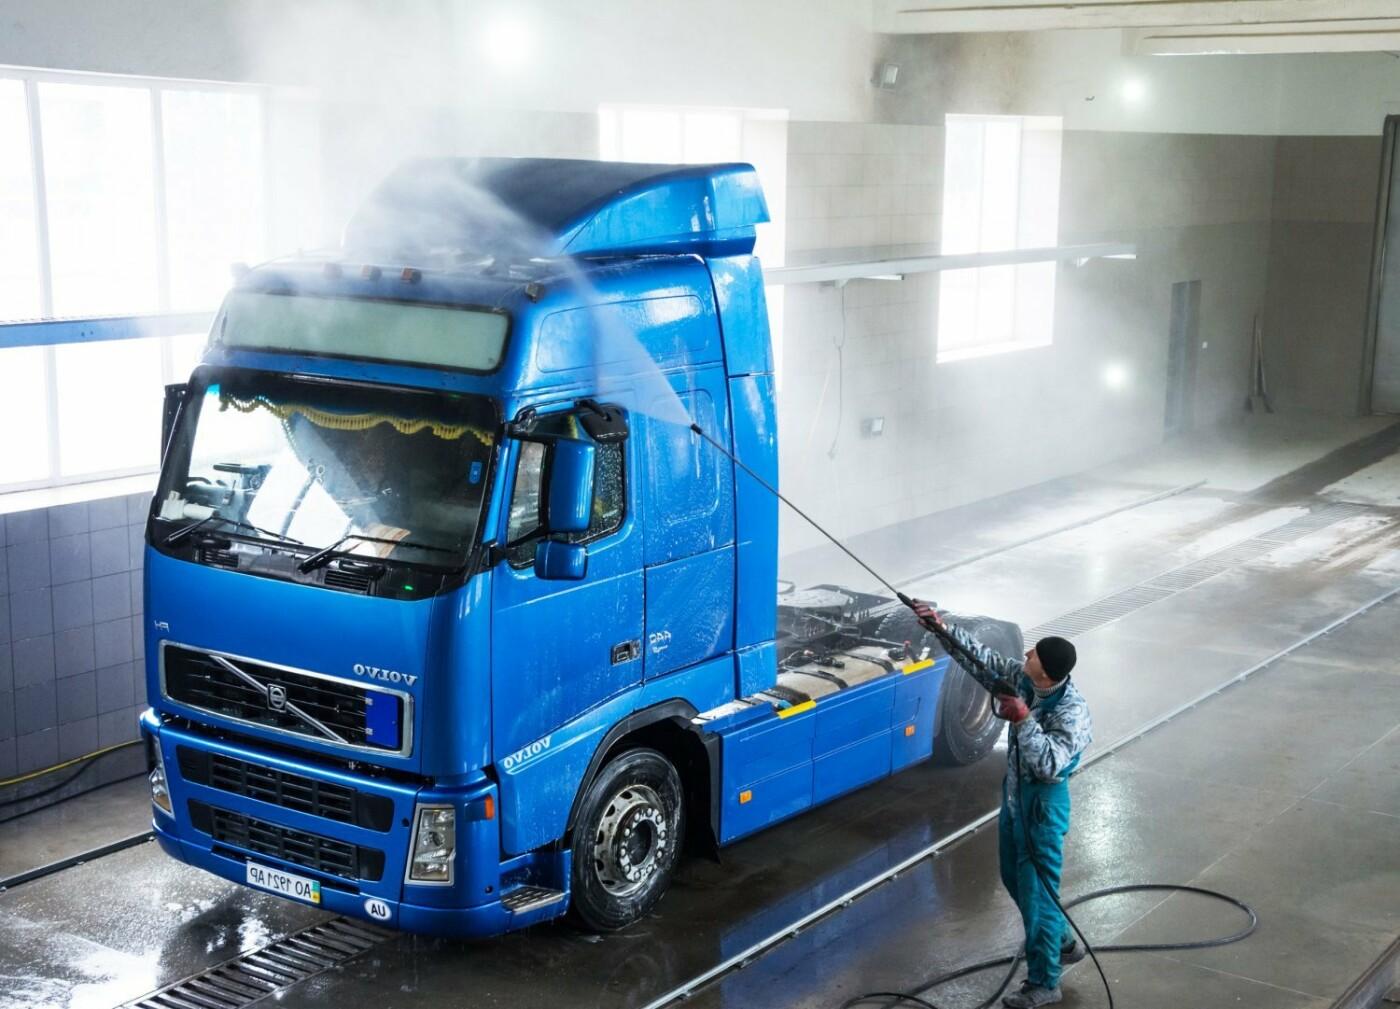 Де у Вишневому помити машину під час карантину?, фото-1